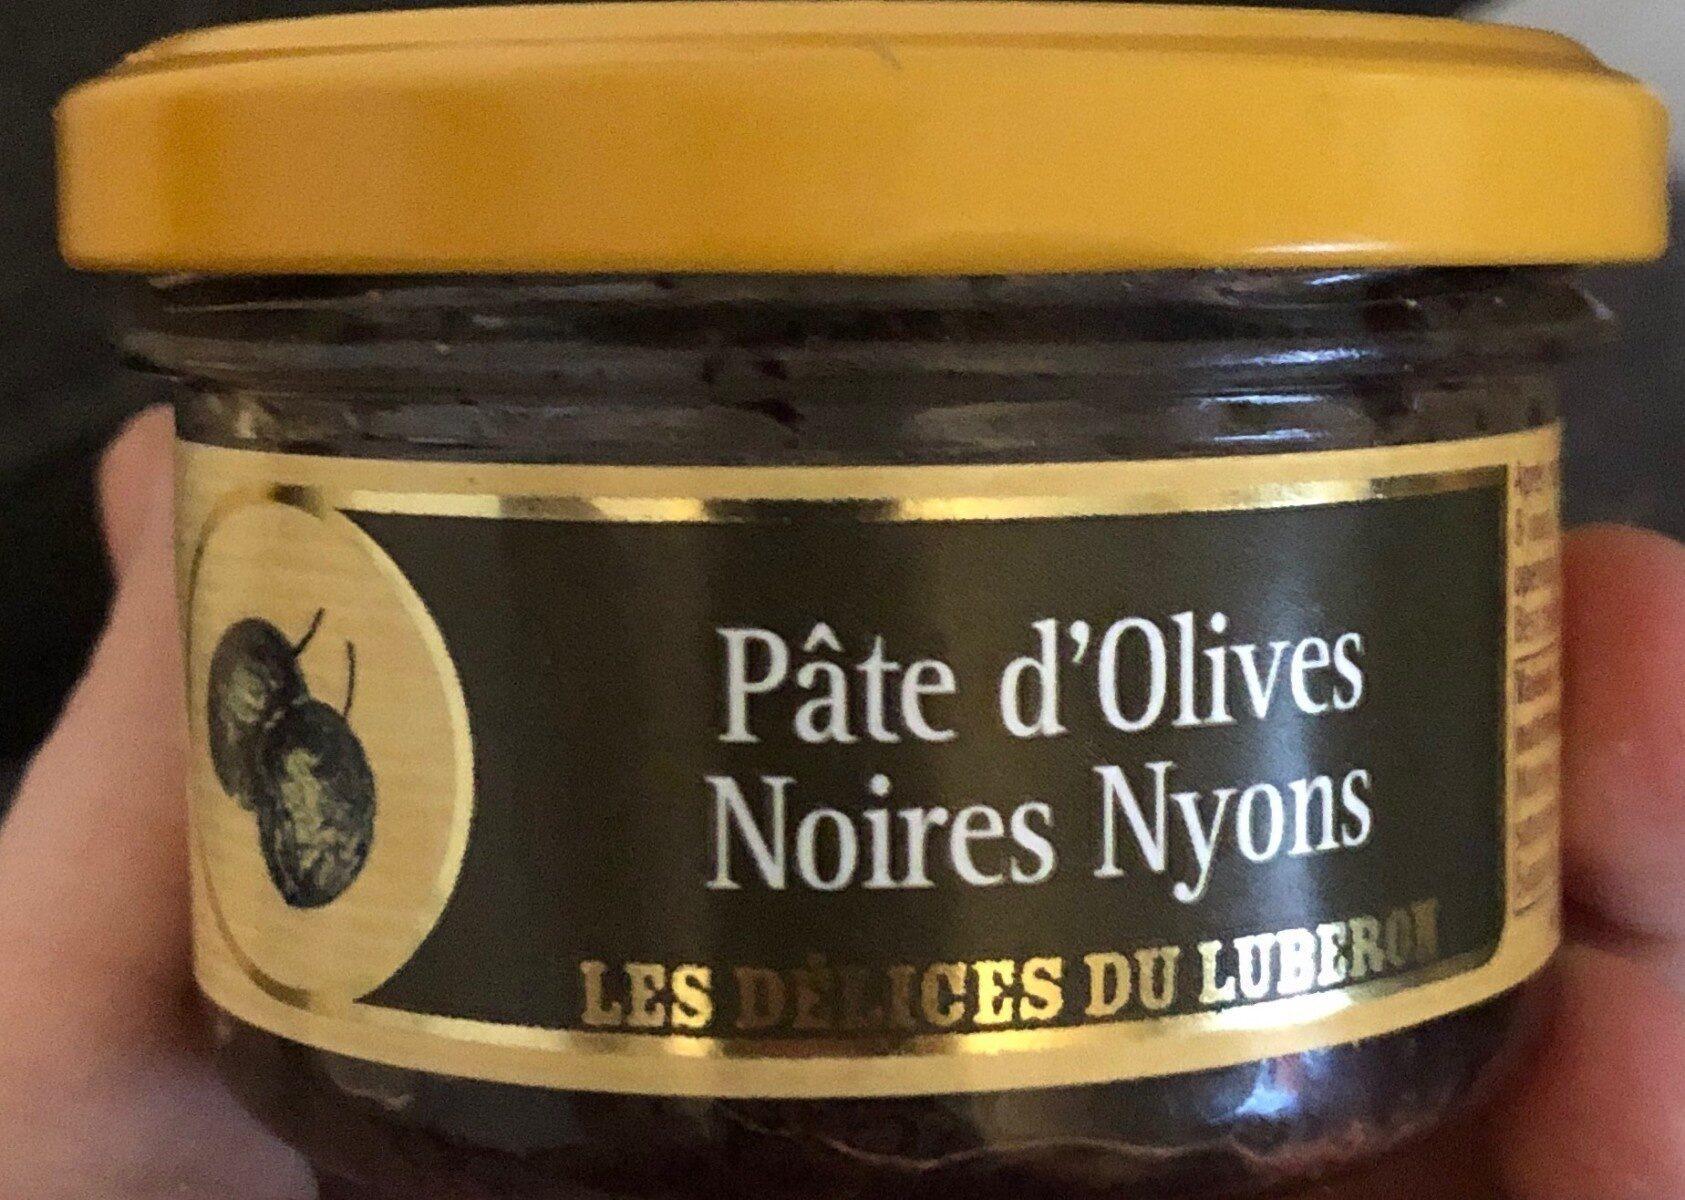 Pâte d'olives noires nyons - Produit - fr